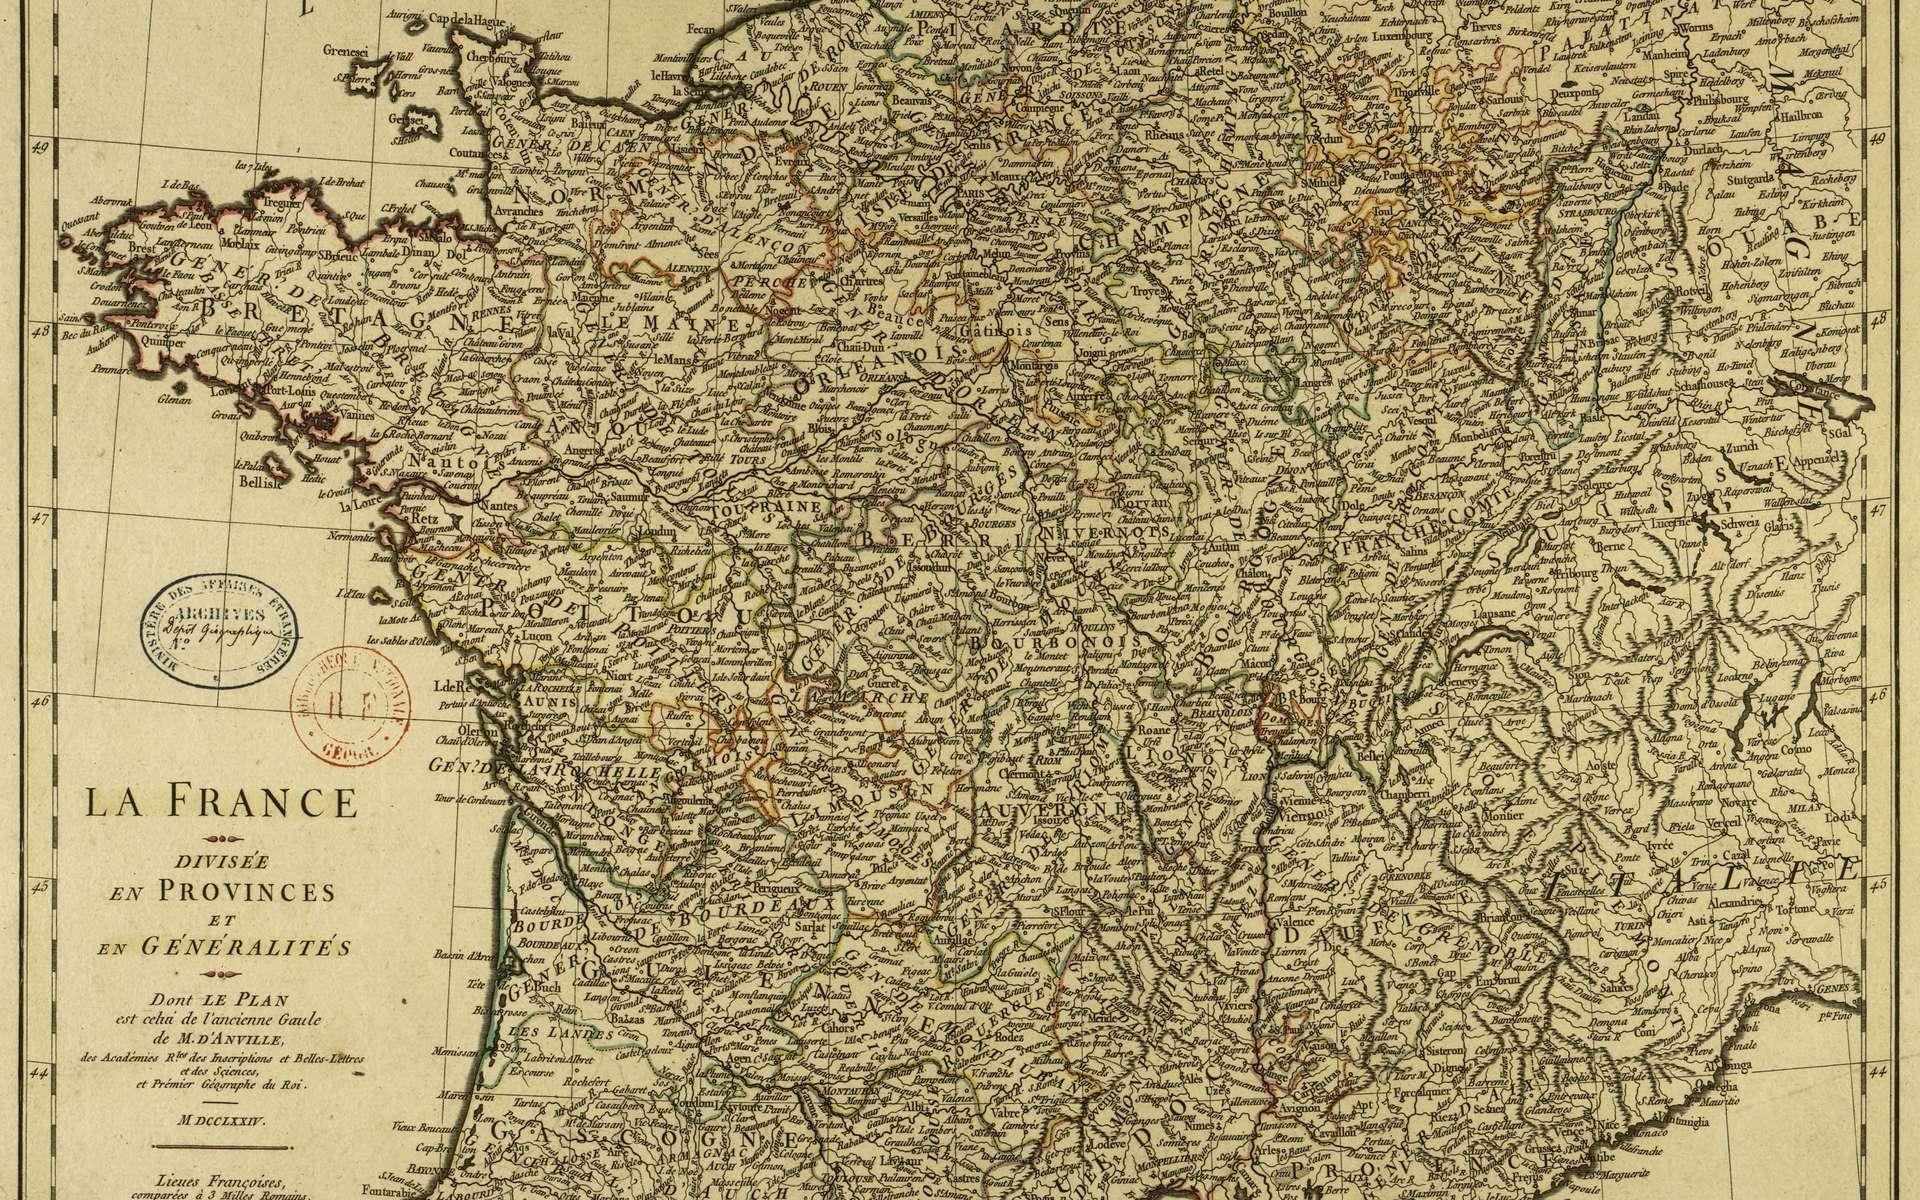 Histoire : La Création Des Départements Français À La Révolution concernant Carte Anciennes Provinces Françaises